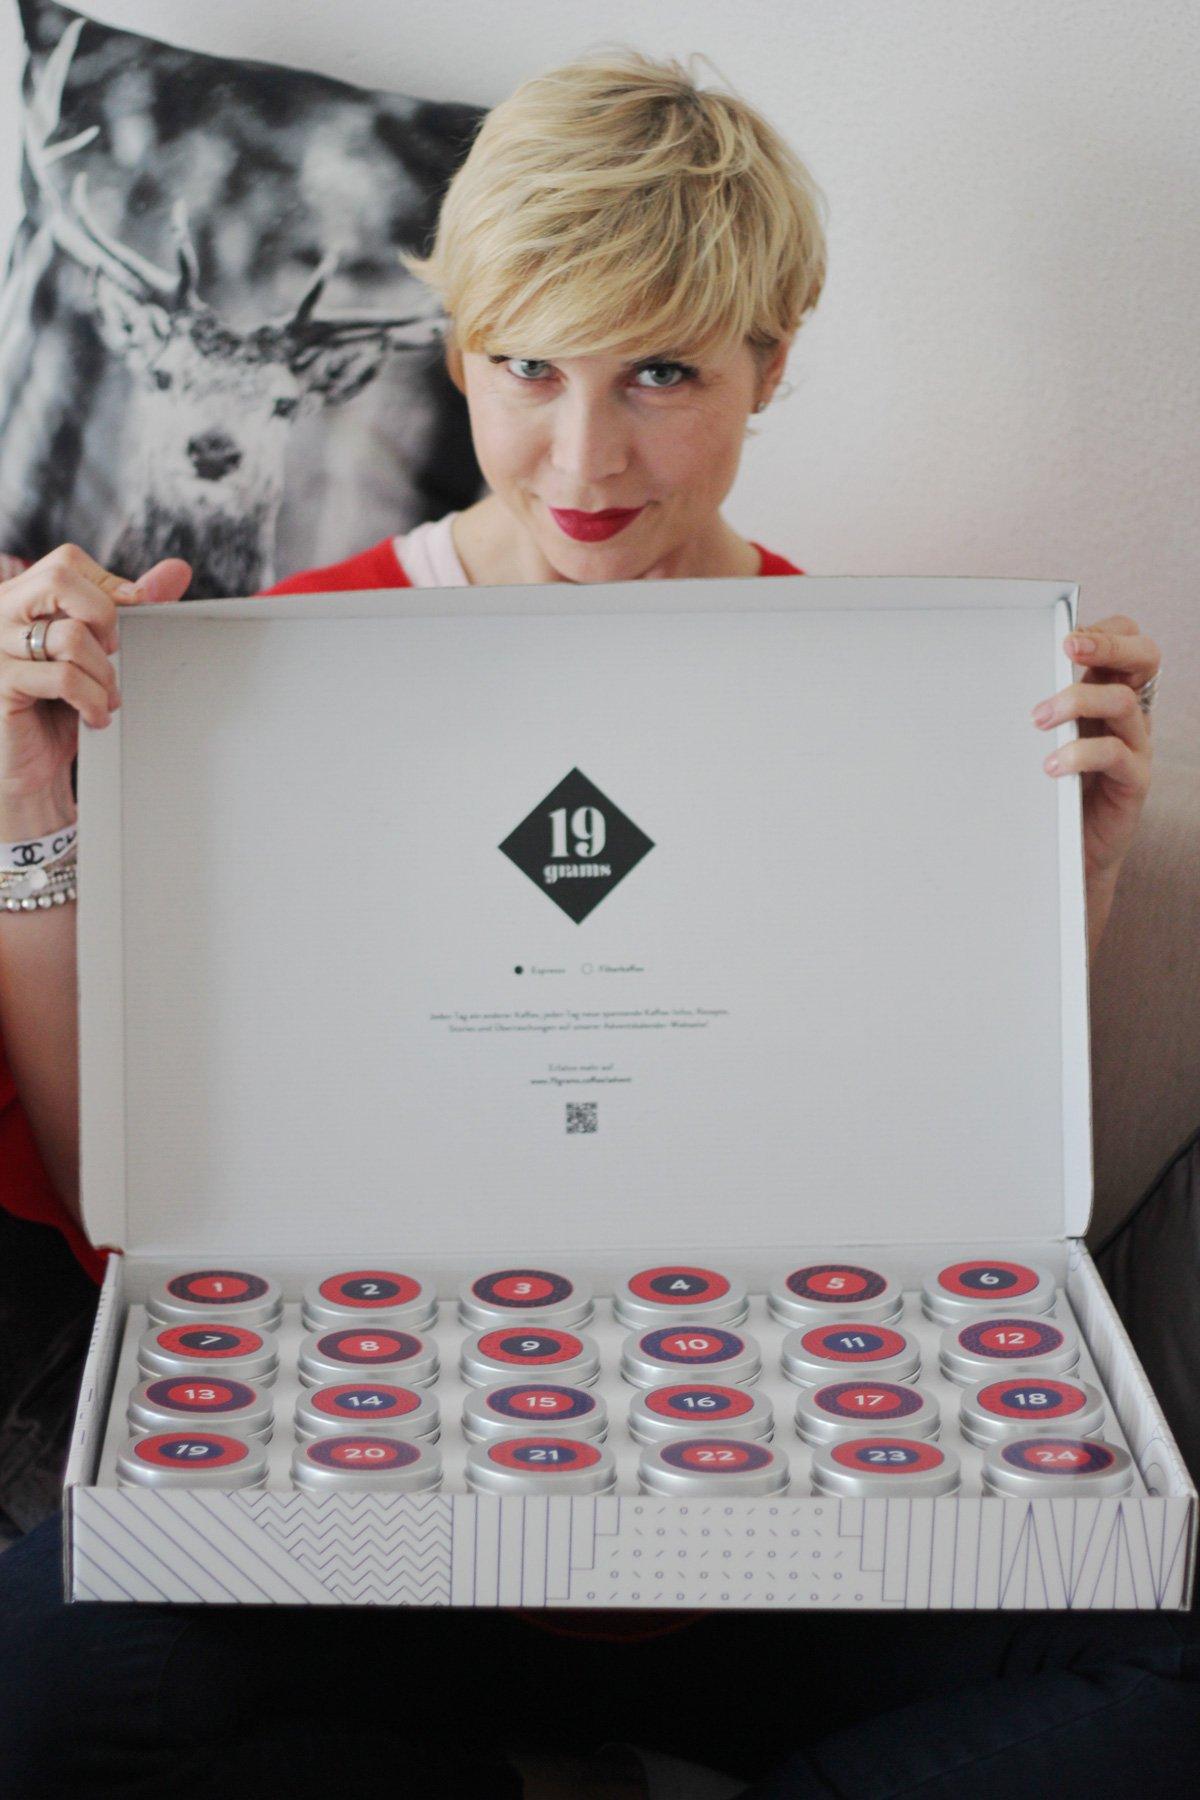 Conny Doll Lifestyle: Ich bitte zum Adventskaffee - 24 feine Bohnen - Adventskalender von Tres Cabezas